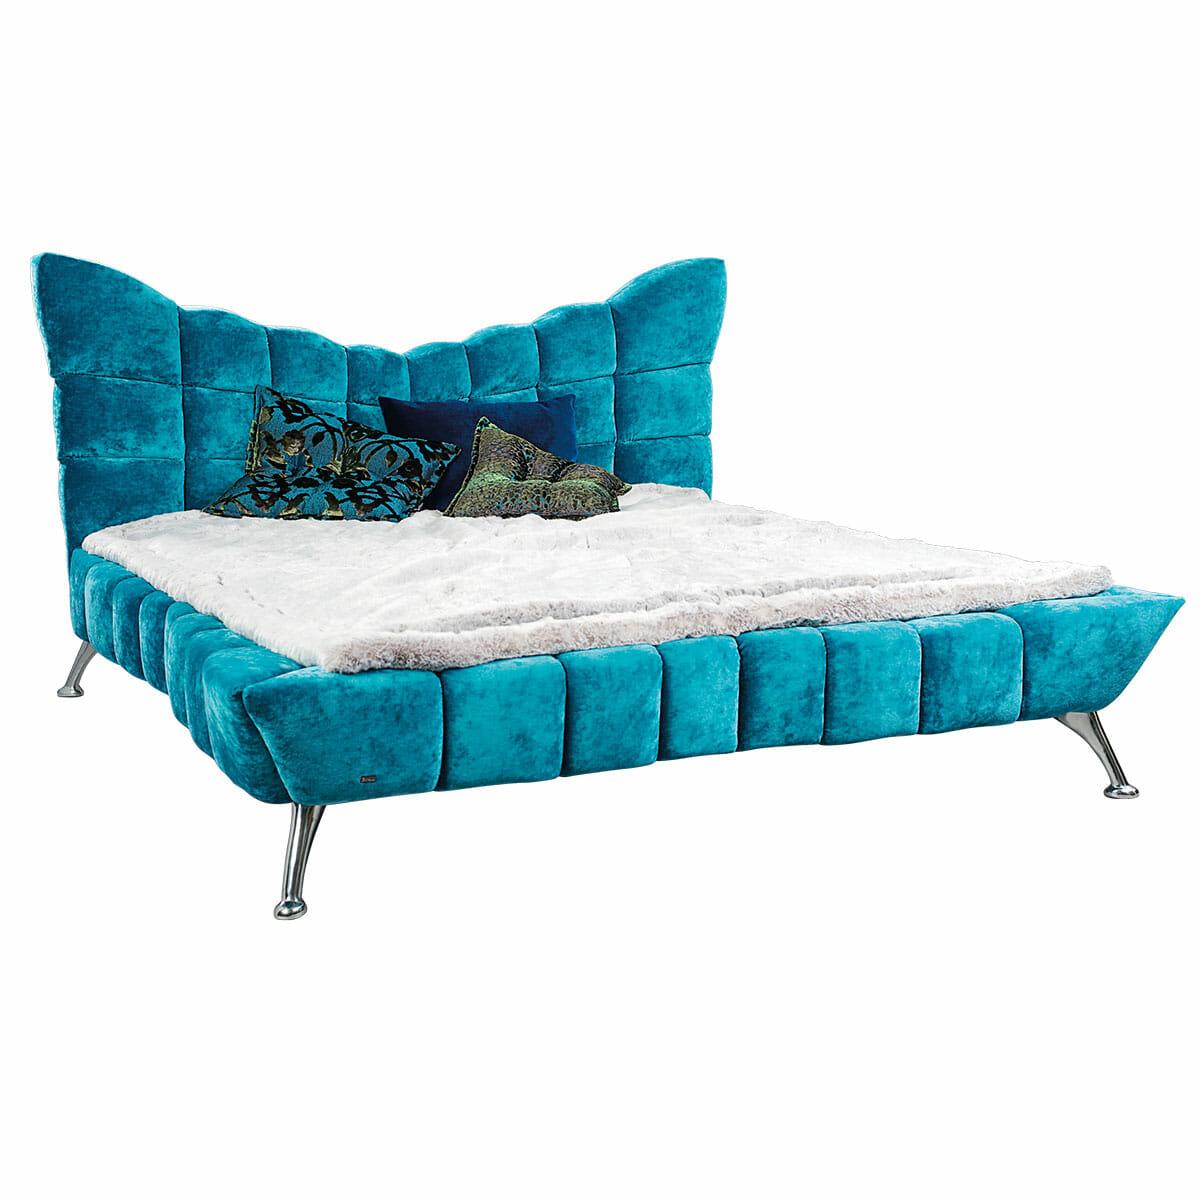 bretz bett cloud 7 bretz designbetten preise angebote. Black Bedroom Furniture Sets. Home Design Ideas